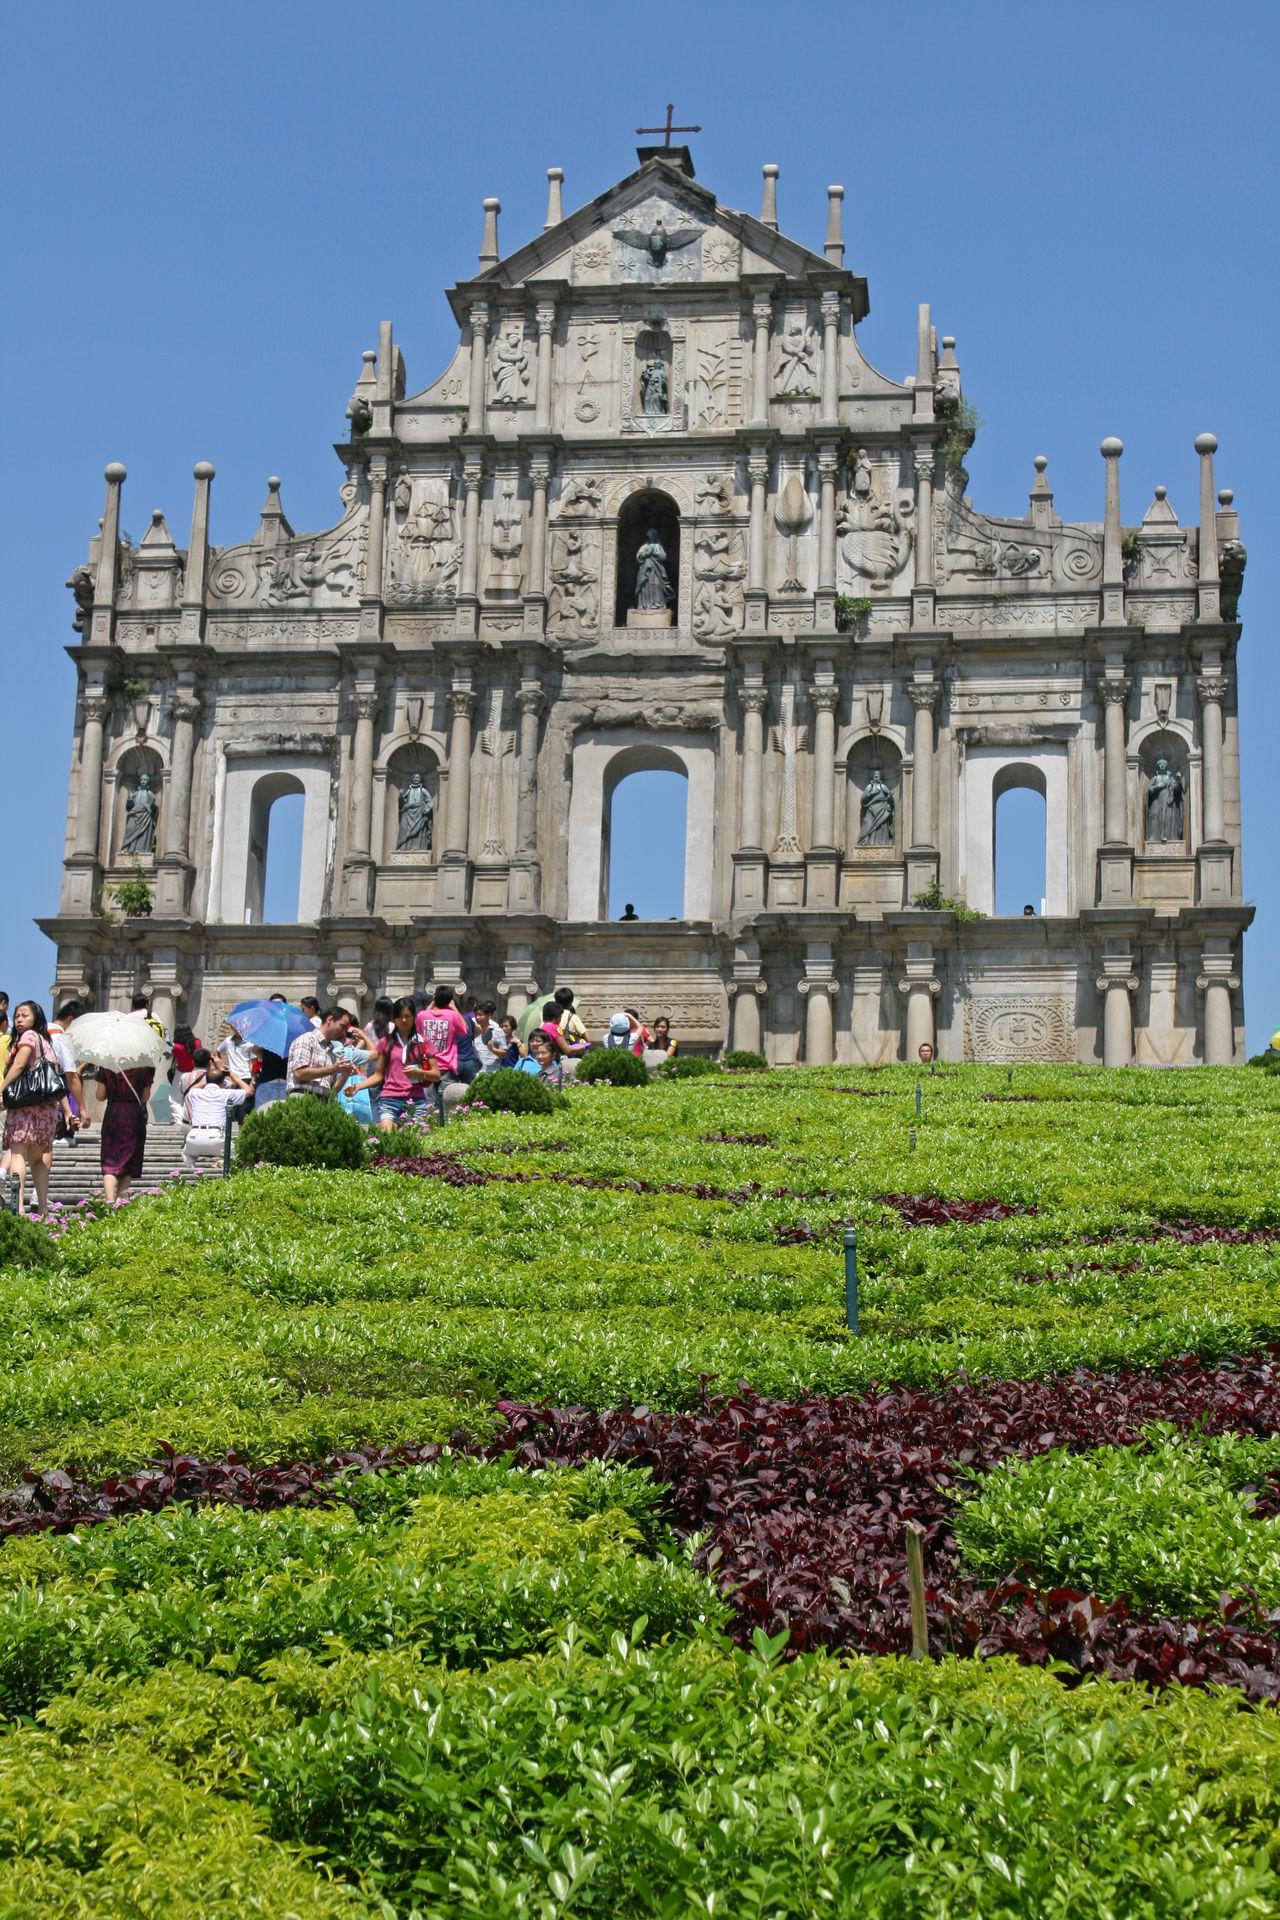 Architecture Built Structure China Facade Building Flower History Macao  Monument Portuguese Tourism Tourist Travel Destinations